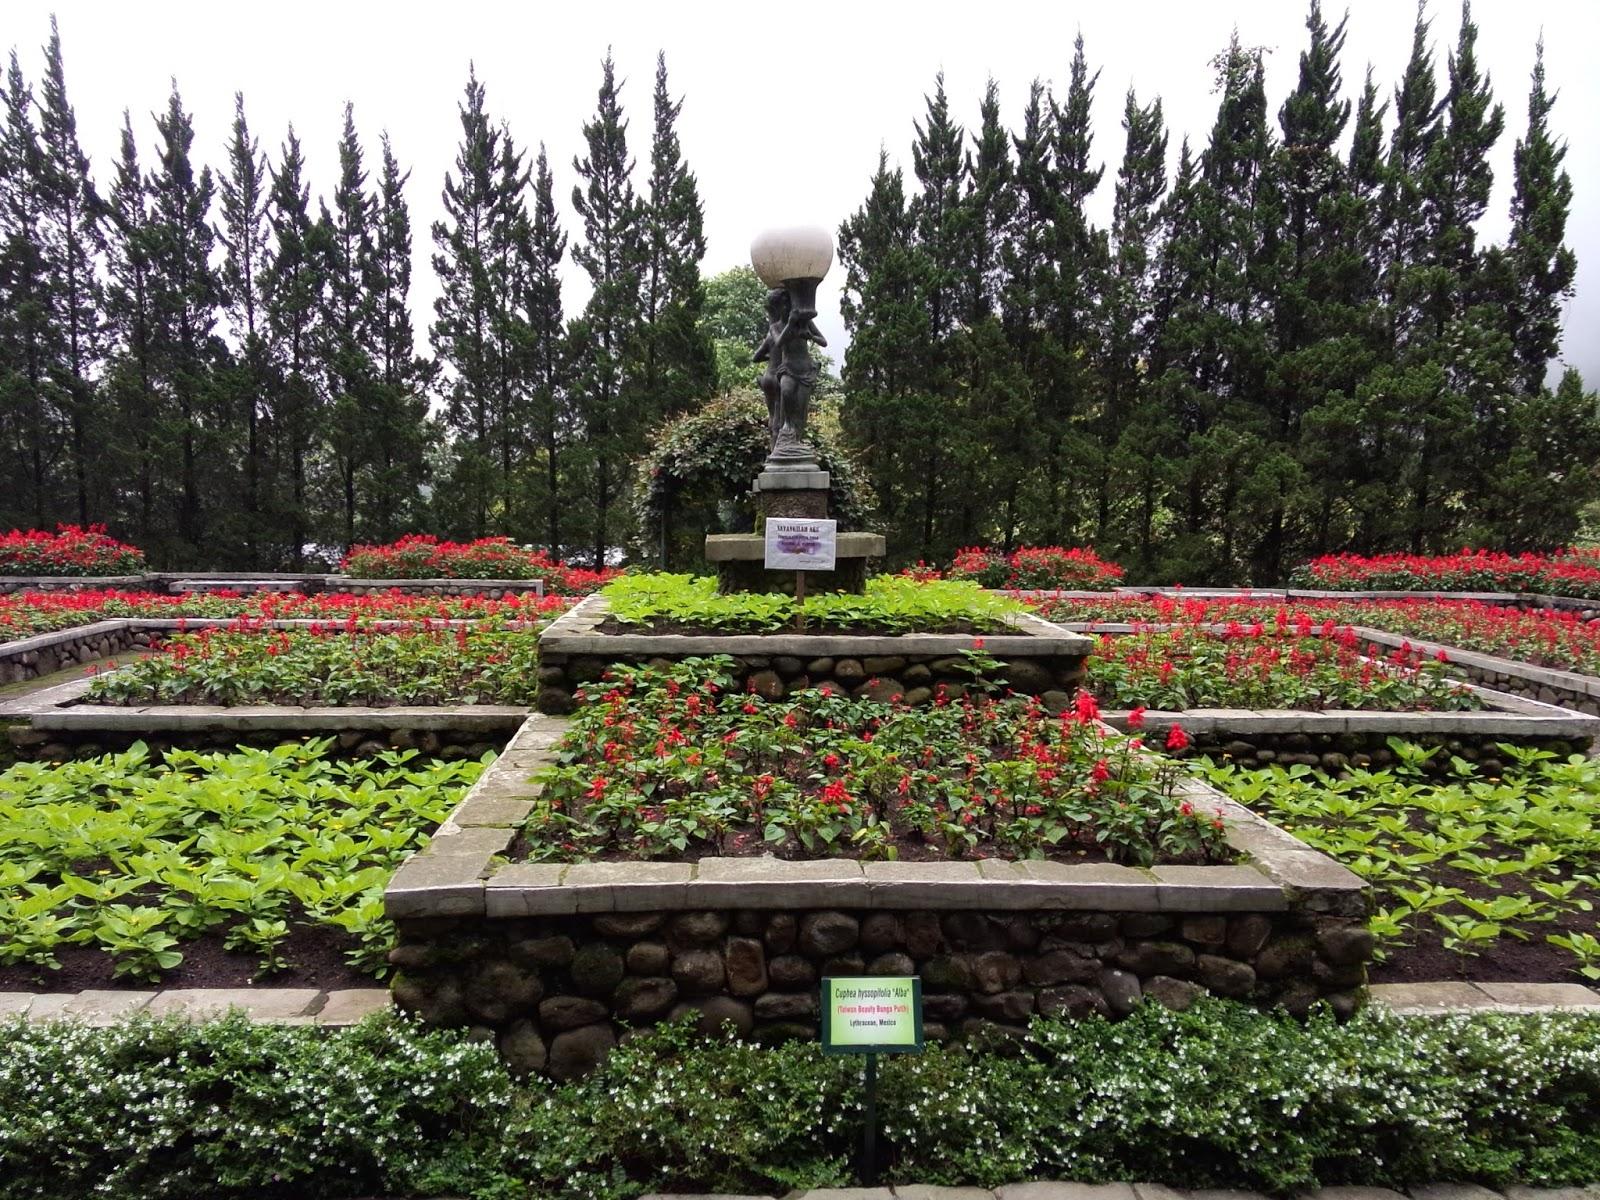 Melrimba Garden Destinasi Wisata Bunga Populer Kamu Arah Jakarta Bandung